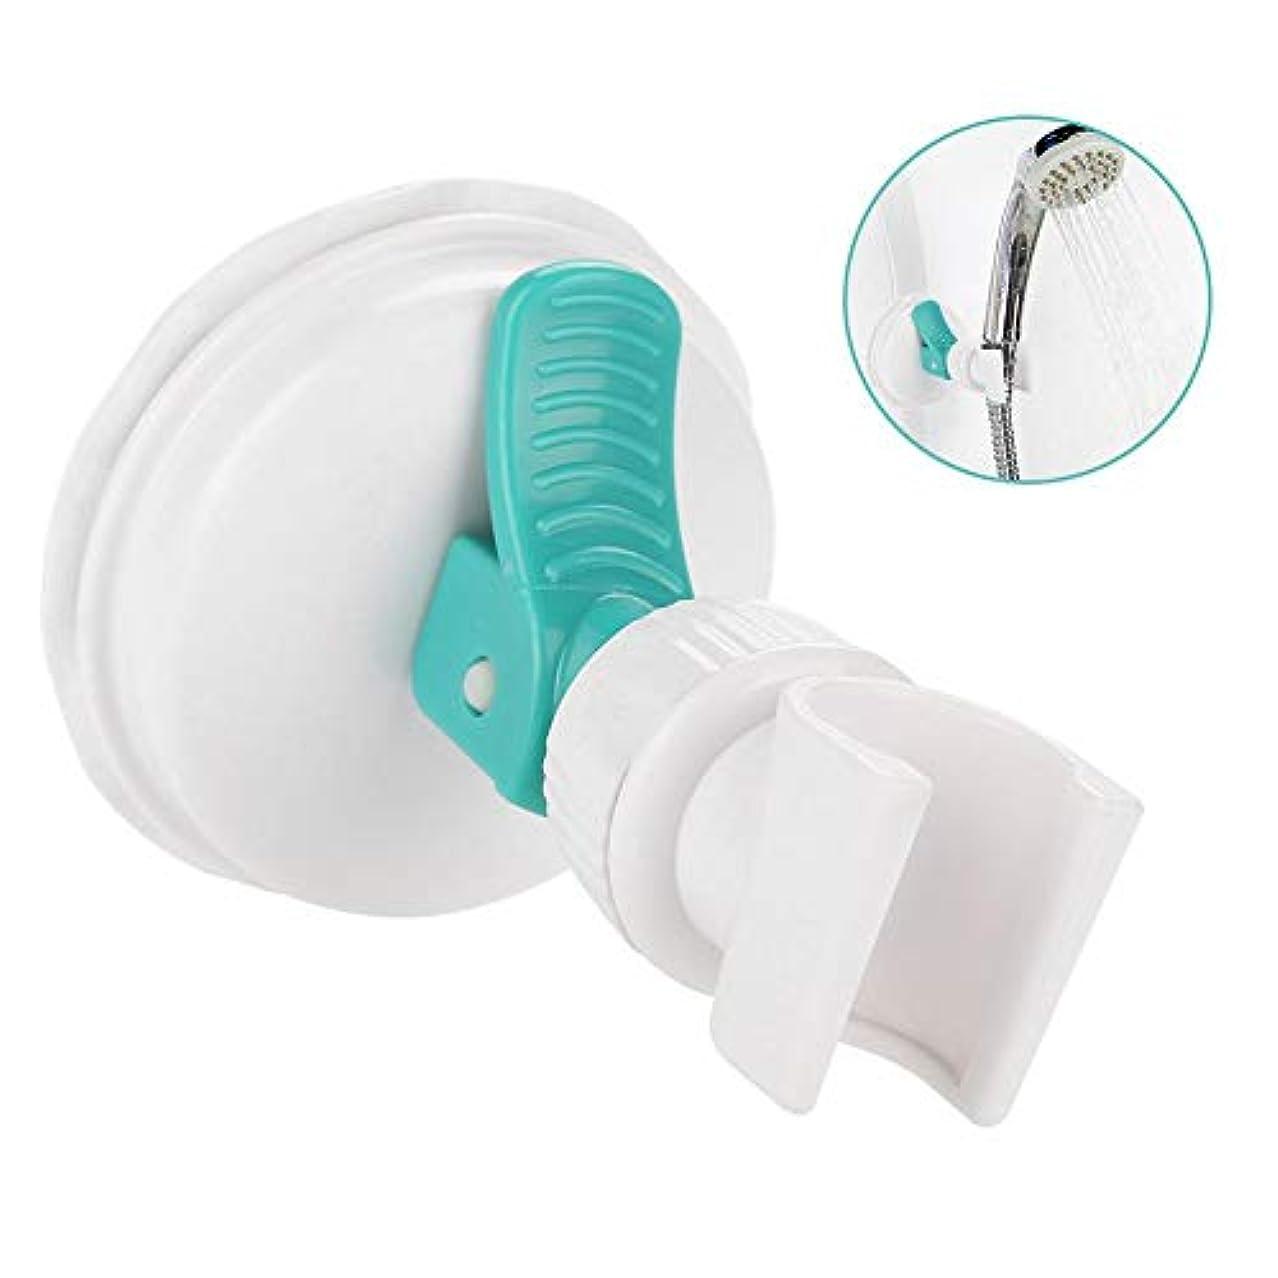 静かに持つマインドSemmeのシャワー?ヘッドのホールダー、妊娠中の女性、高齢者および子供のための極度の強い吸引のコップのシャワー?ヘッド調節可能な壁ブラケットの手の自由で快適なシャワー